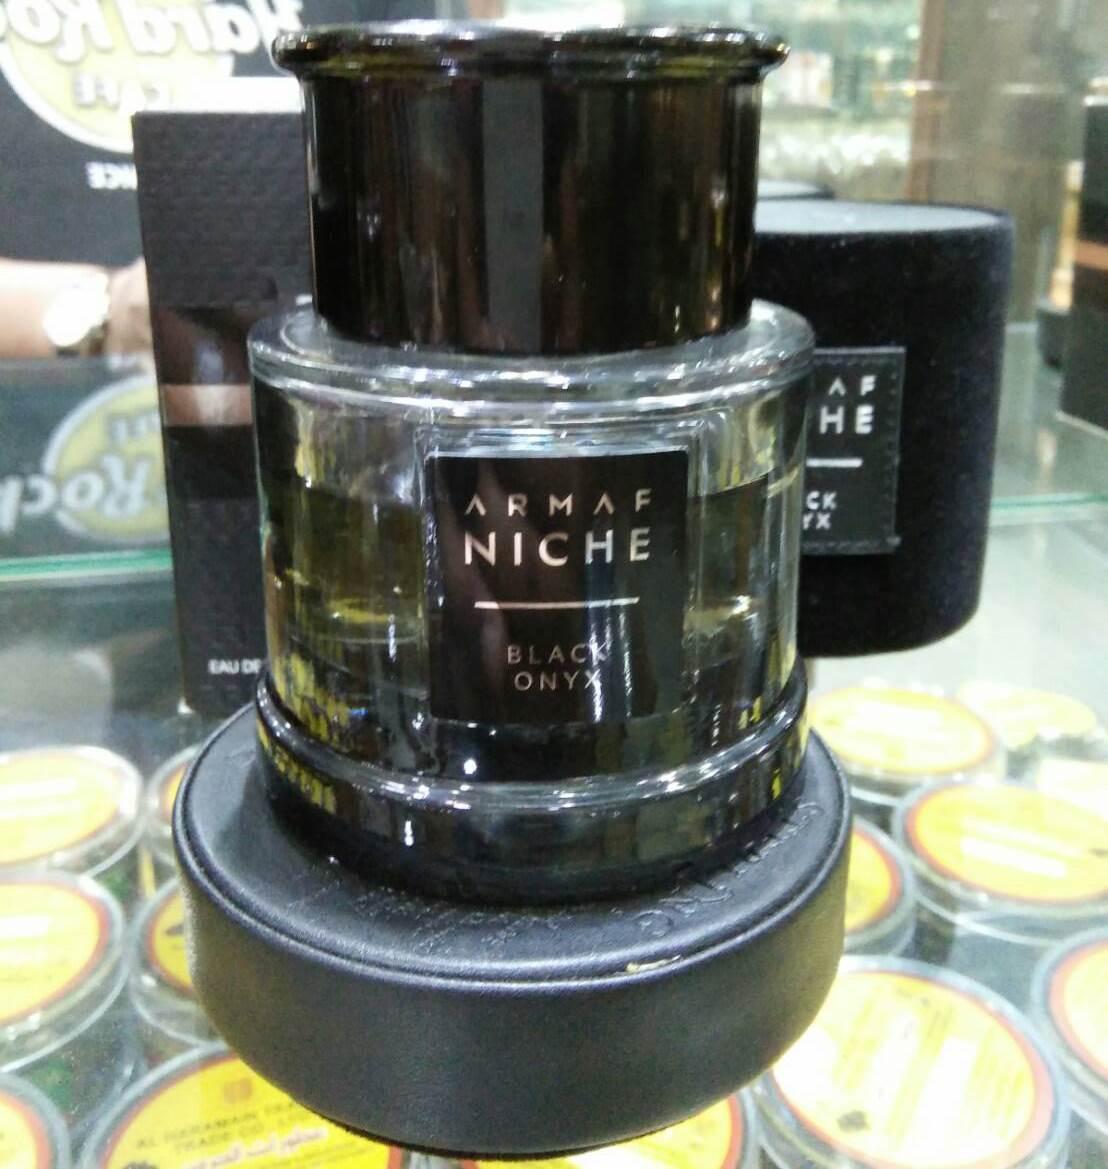 น้ำหอมอาหรับ Black Onyx Armaf for women and men